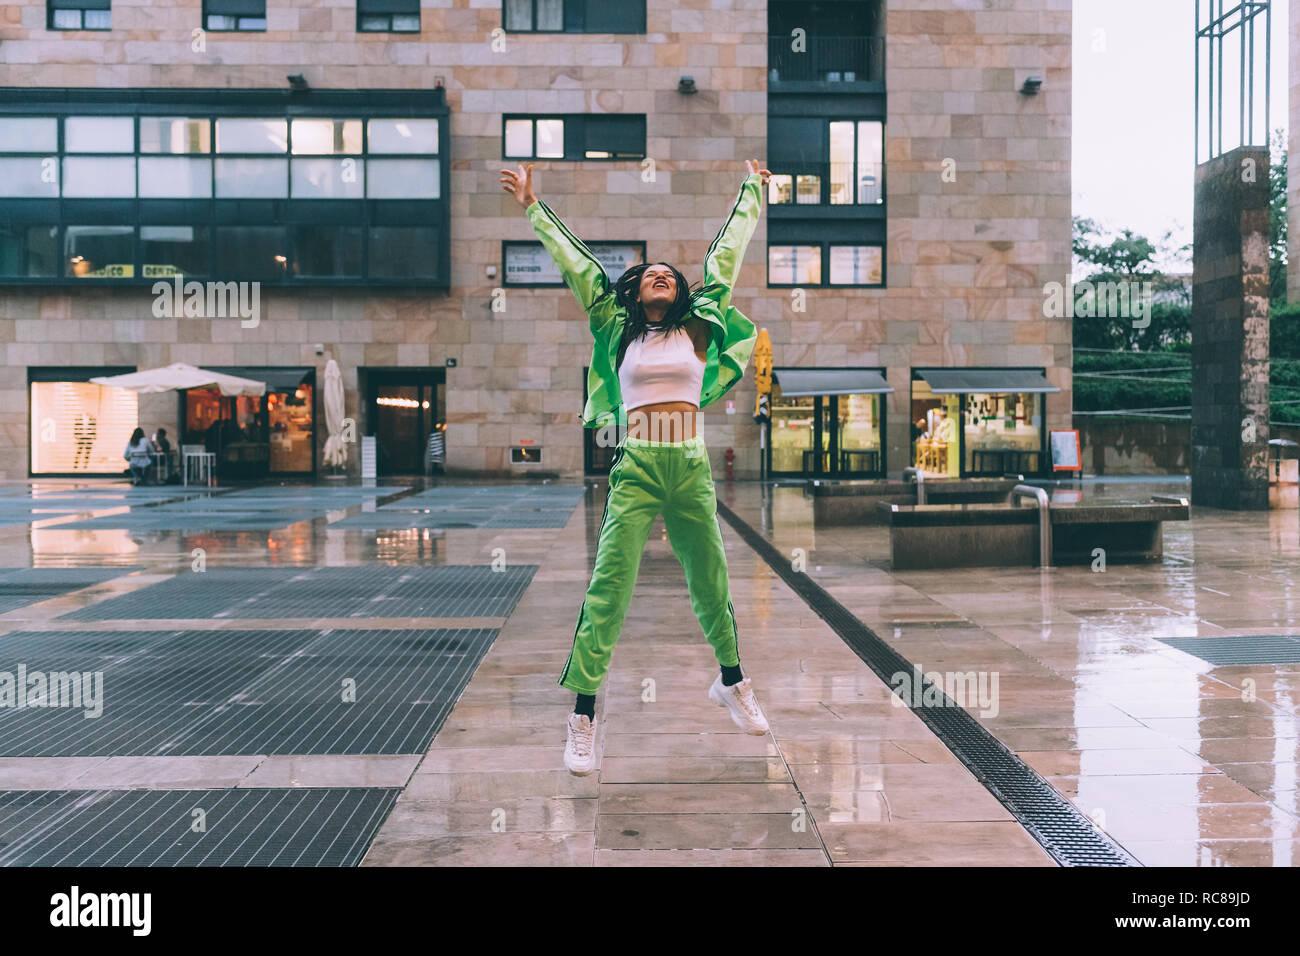 Bienvenue dans la pluie femme place de la ville, Milan, Italie Banque D'Images